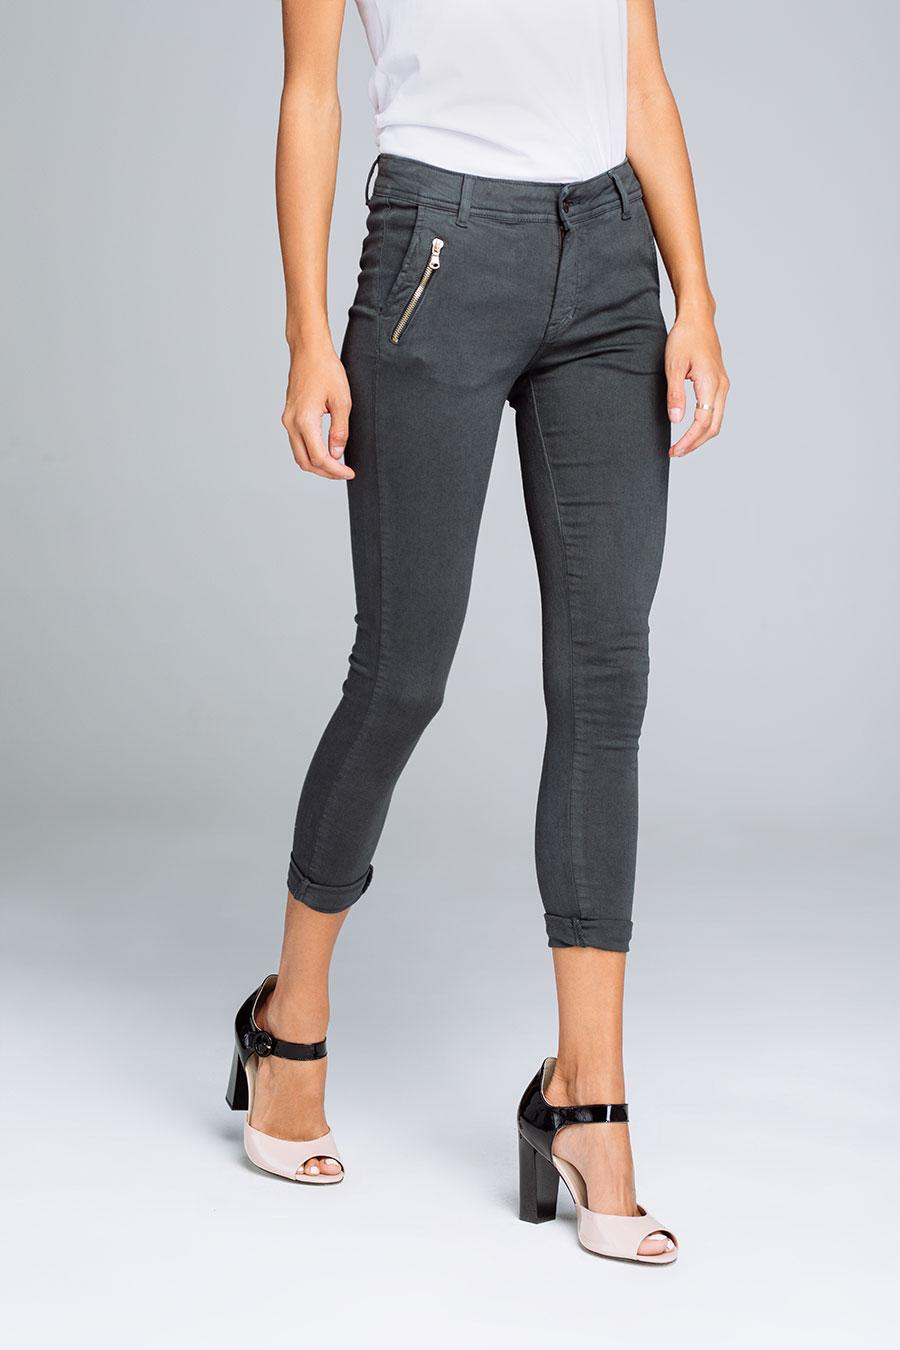 Online Shop Jagger Brand Zenske Pantalone Jg 1133 05 Jesen Zima 2020 2021 02